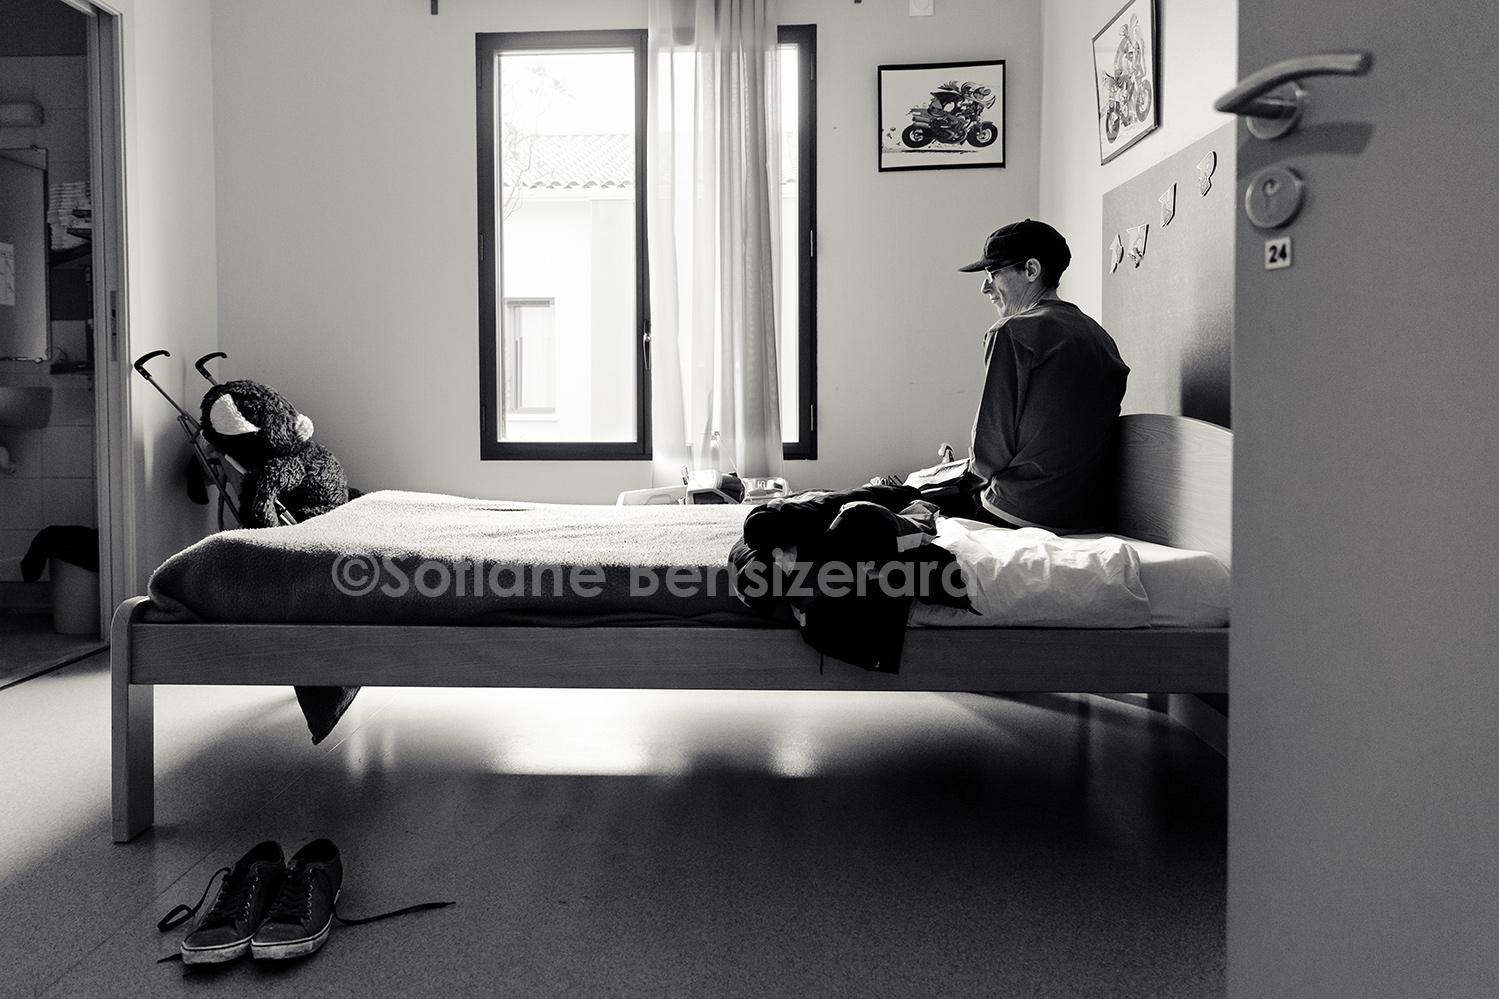 L'âme des Coquelicots 6 Copyright Sofiane Bensizerara 13